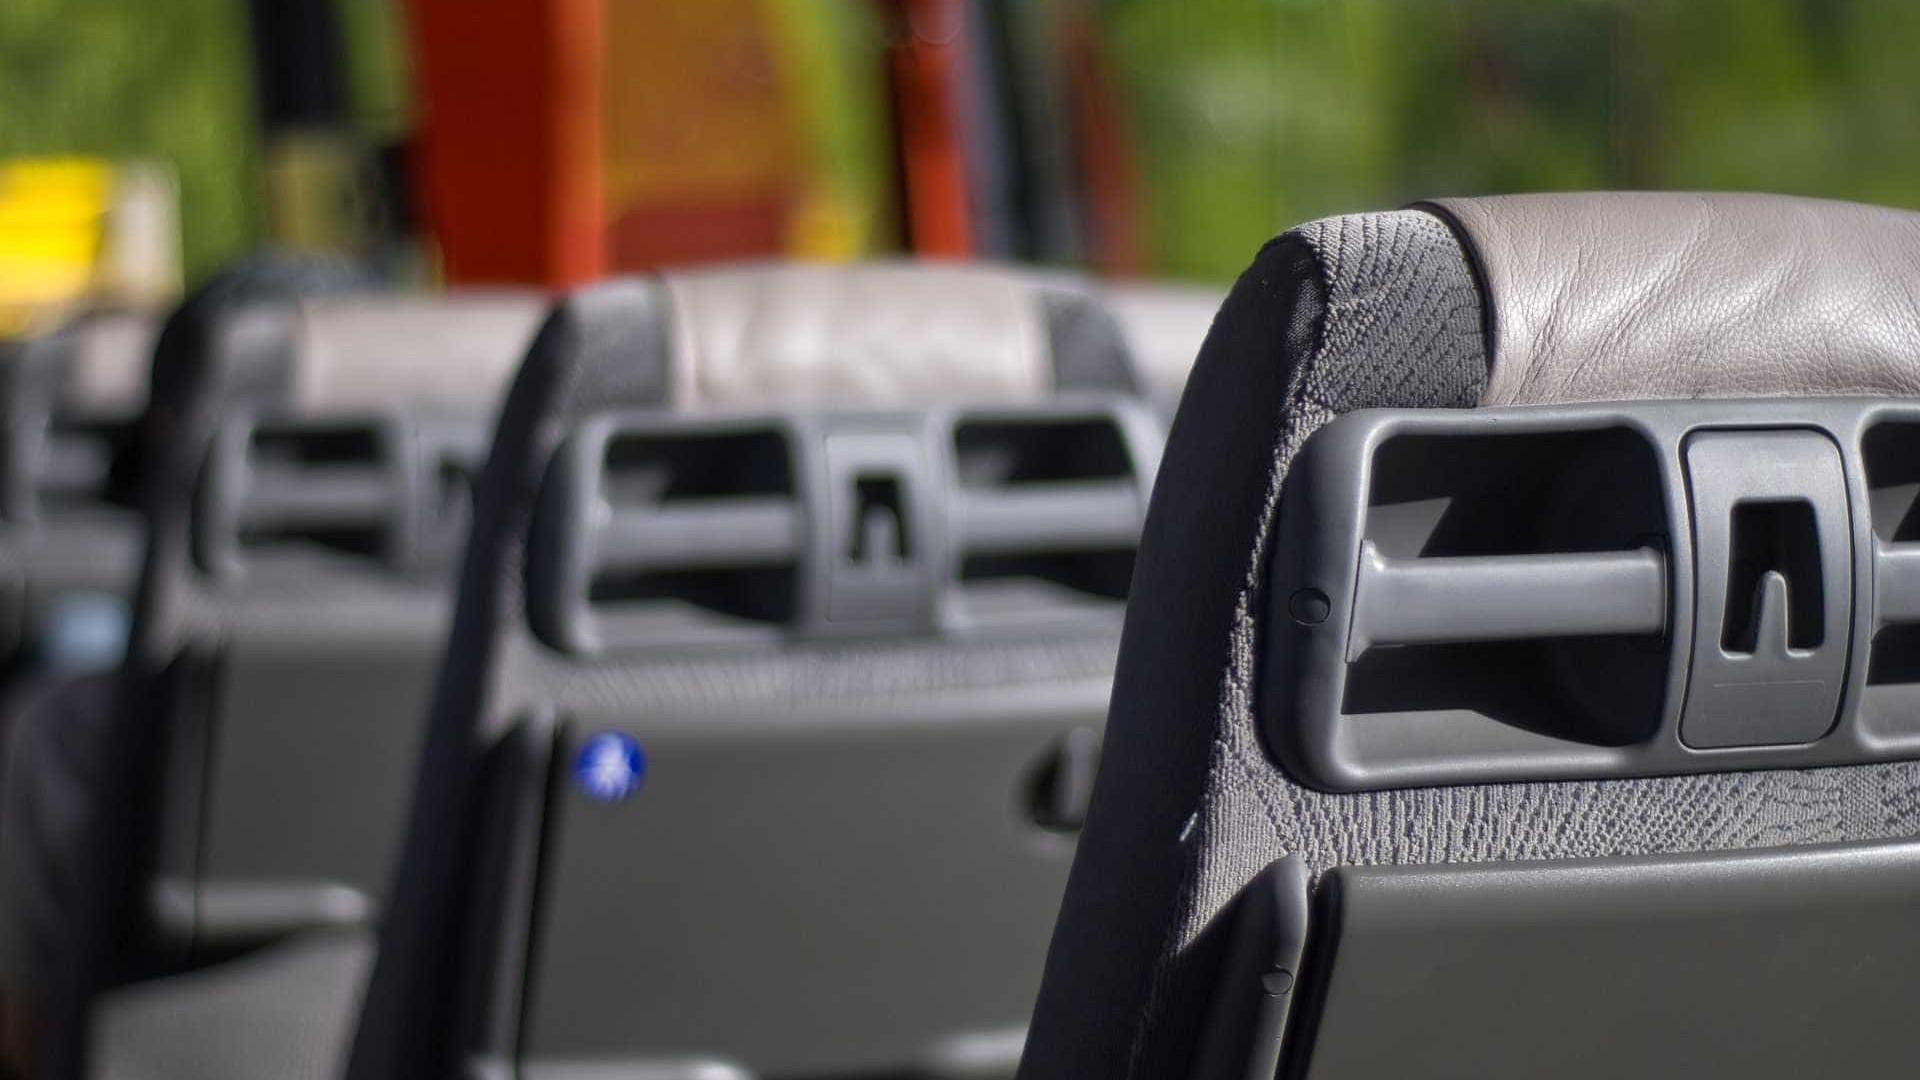 Homem é preso em BH após motorista de ônibus acionar 'botão do assédio'